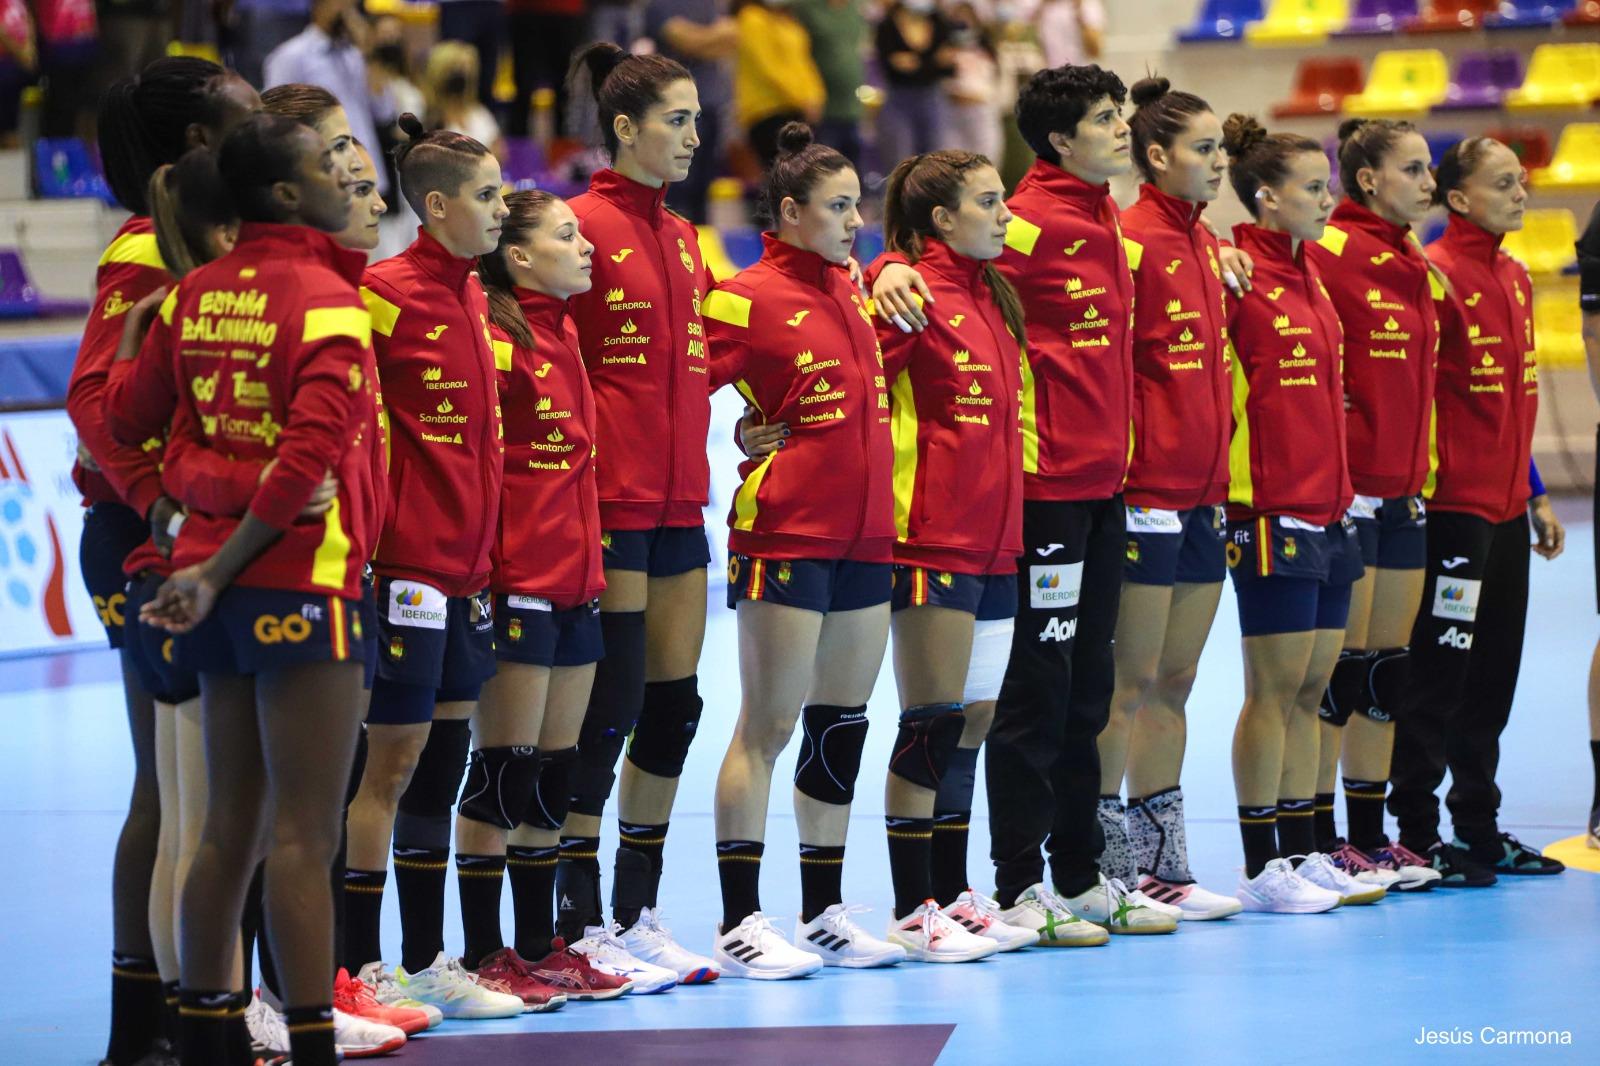 Selección Española Femenina de Balonmano en Antequera. Fuente: Avance Deportivo/Jesús Carmona